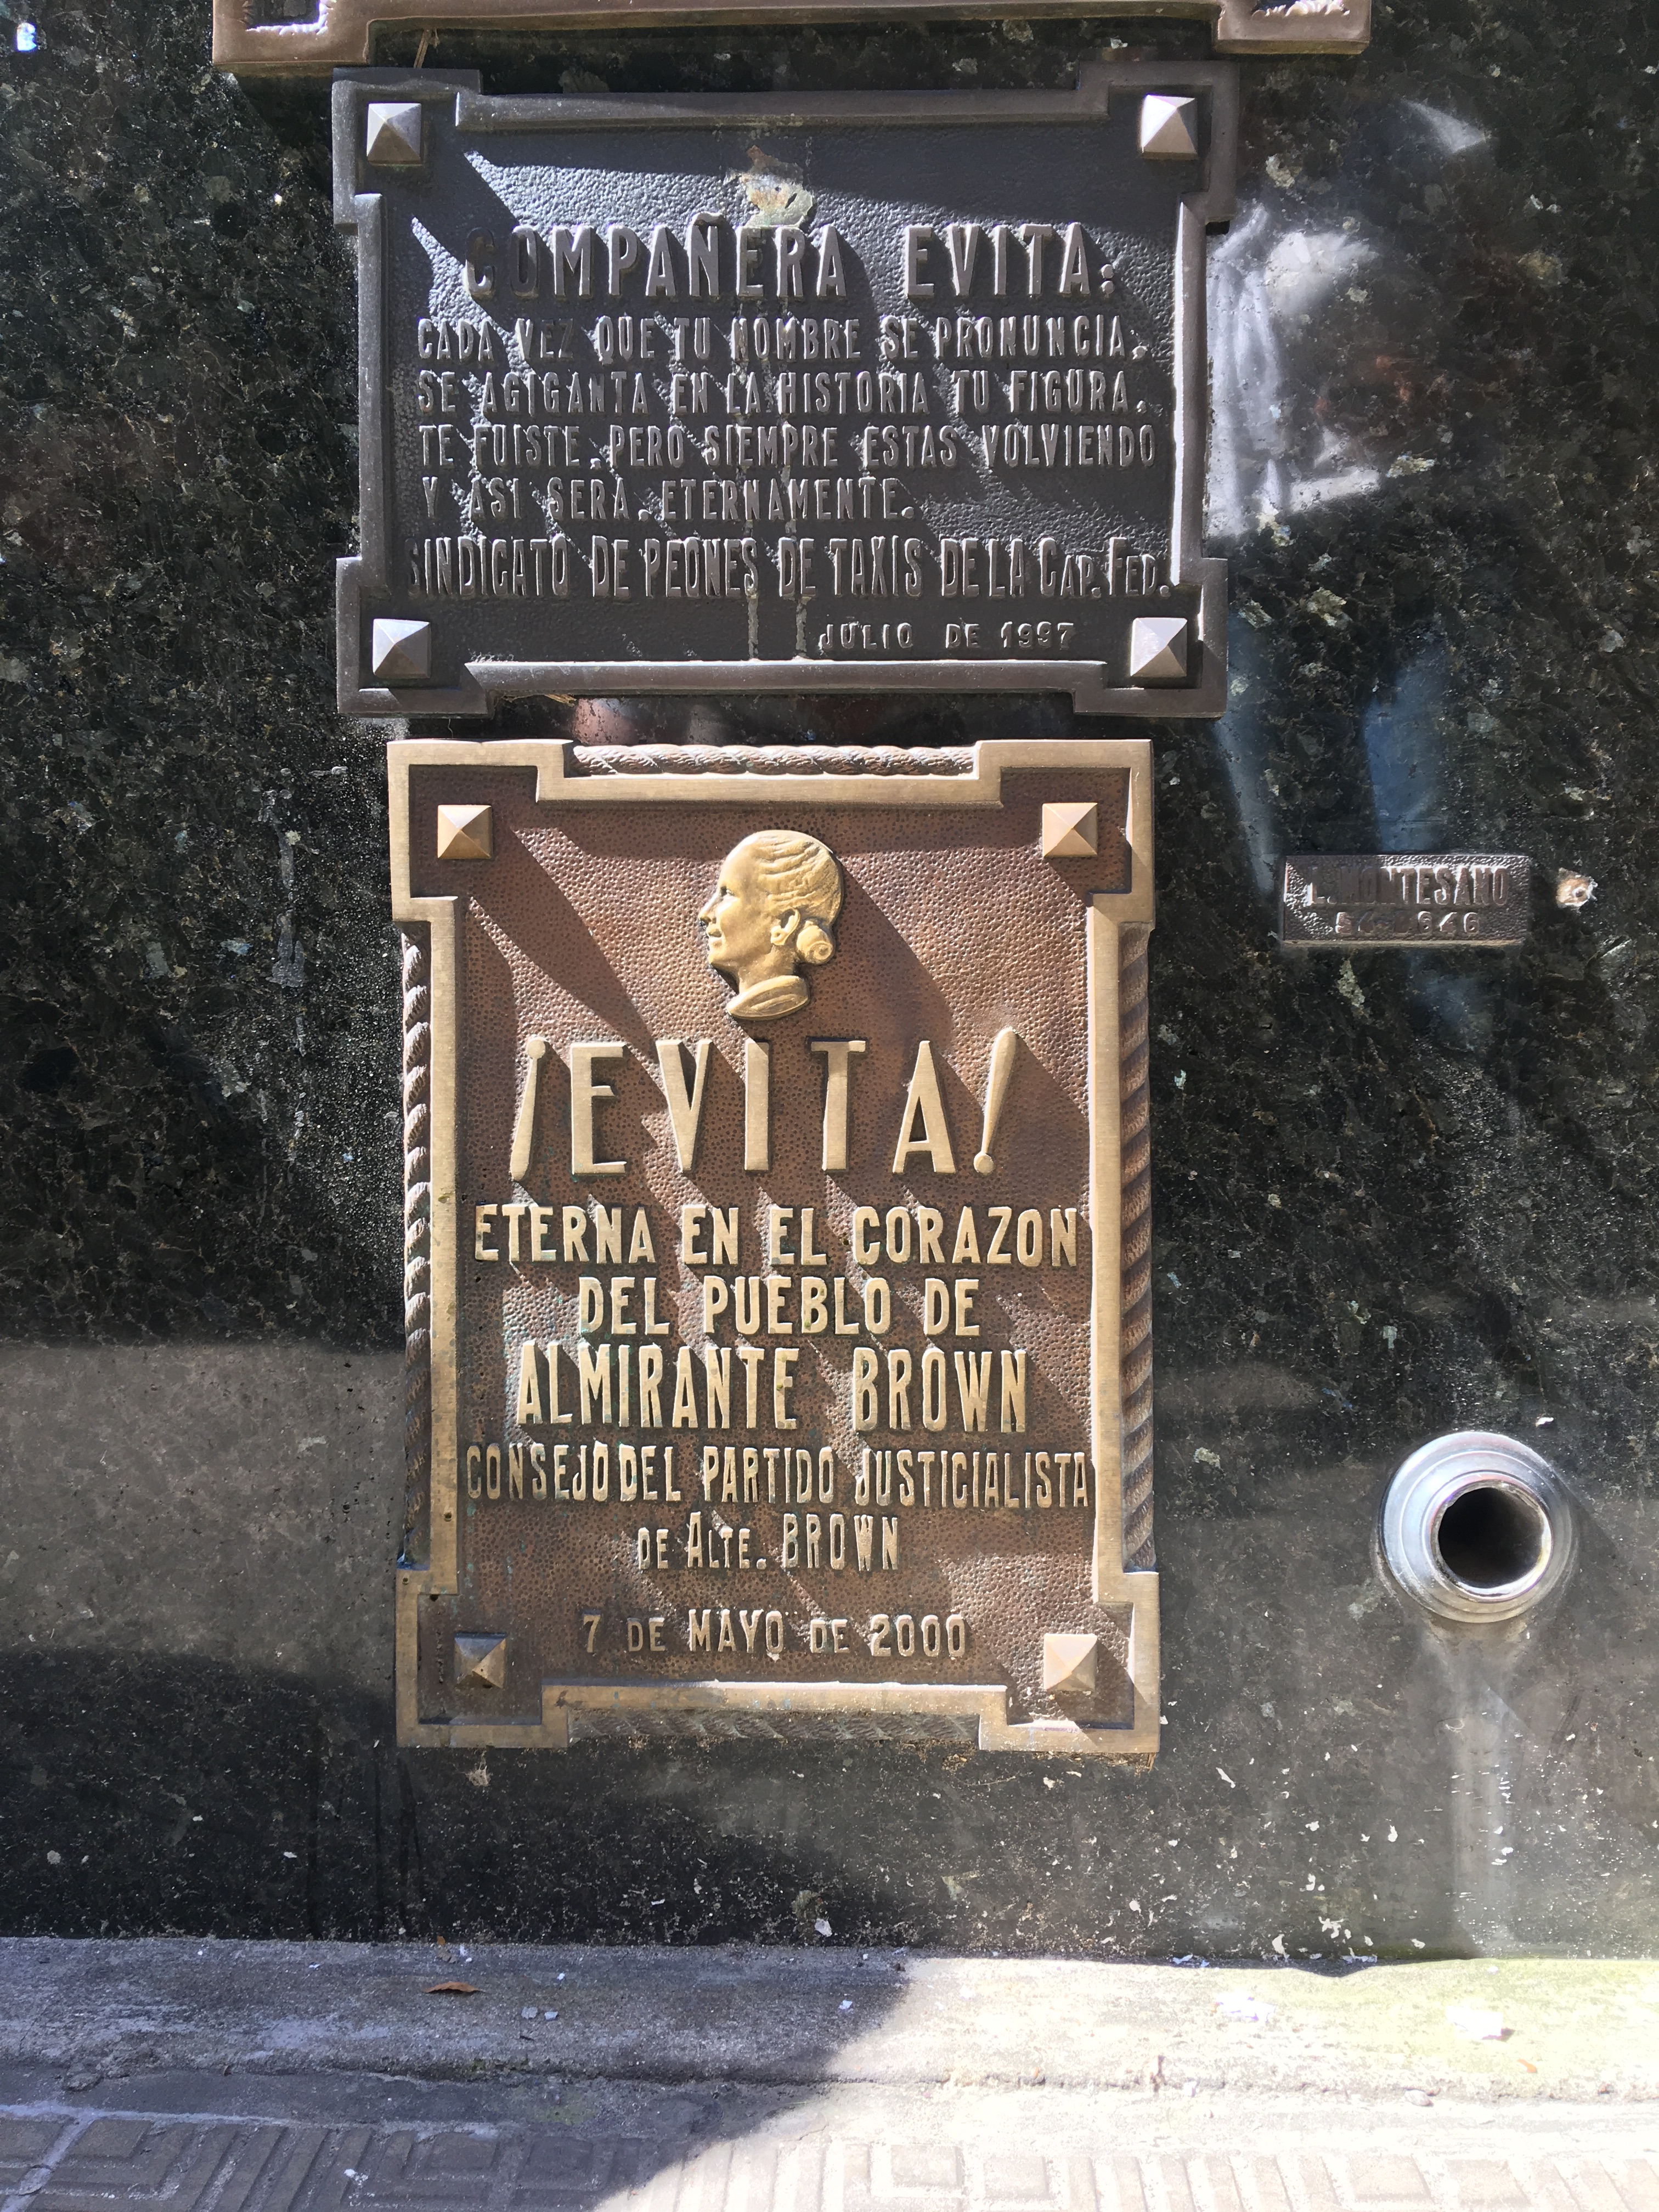 Recolta 16 Evita